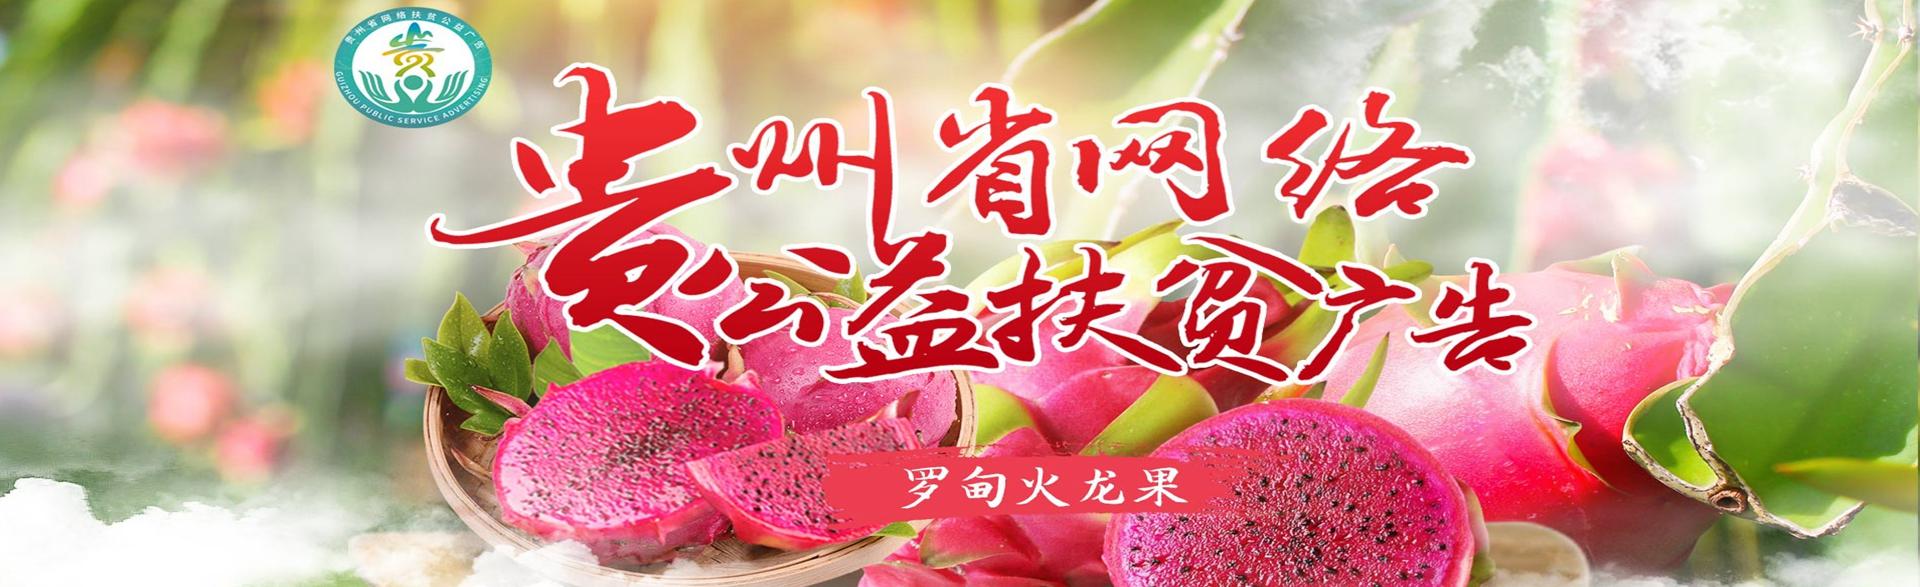 贵州网络扶贫公益广告